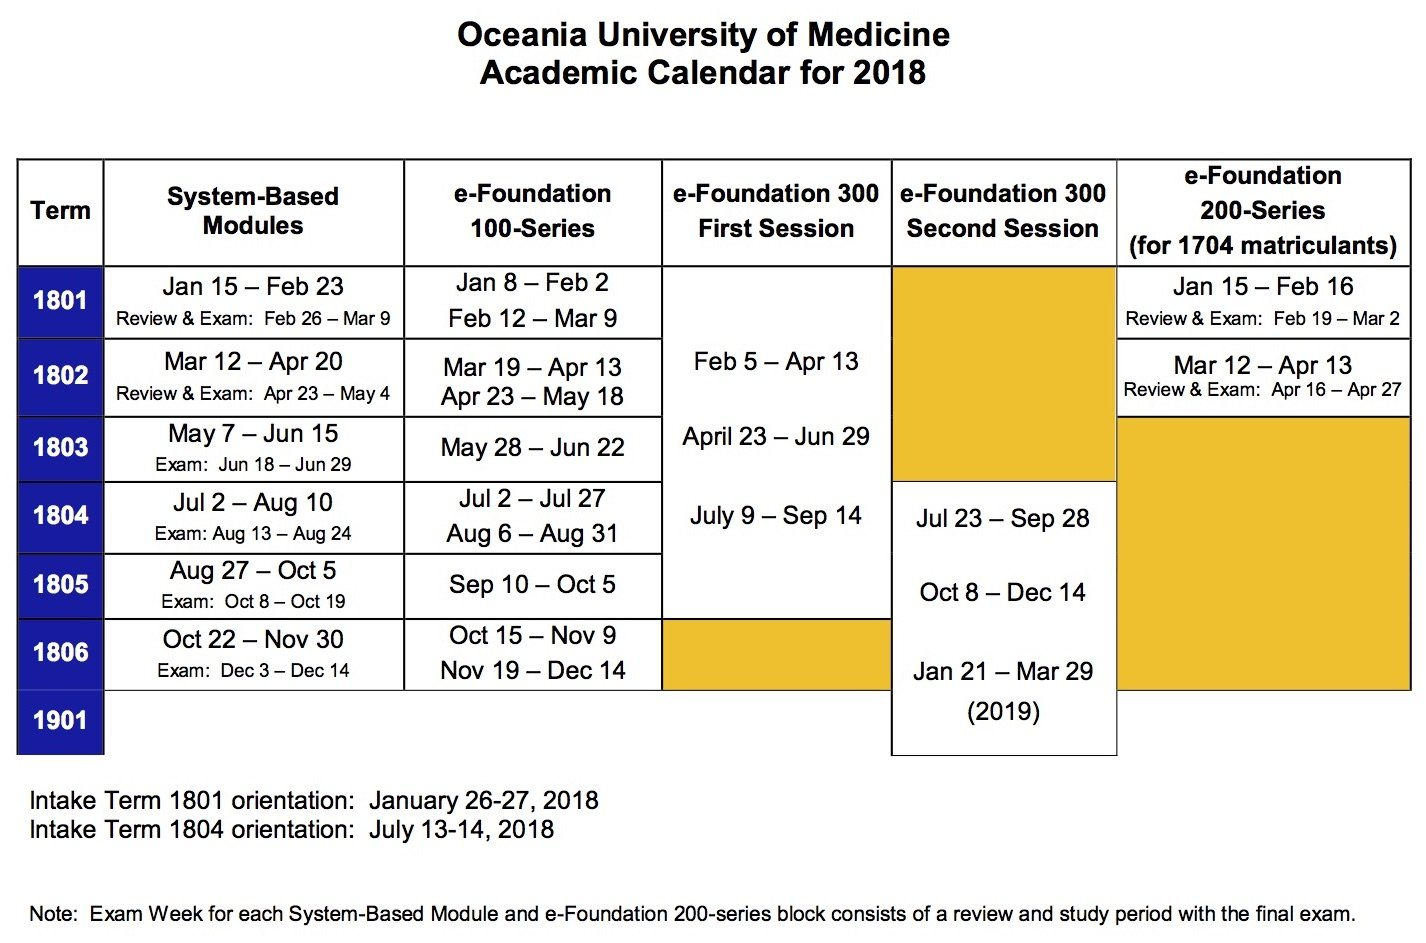 Academic Calendar 2019 – OUM